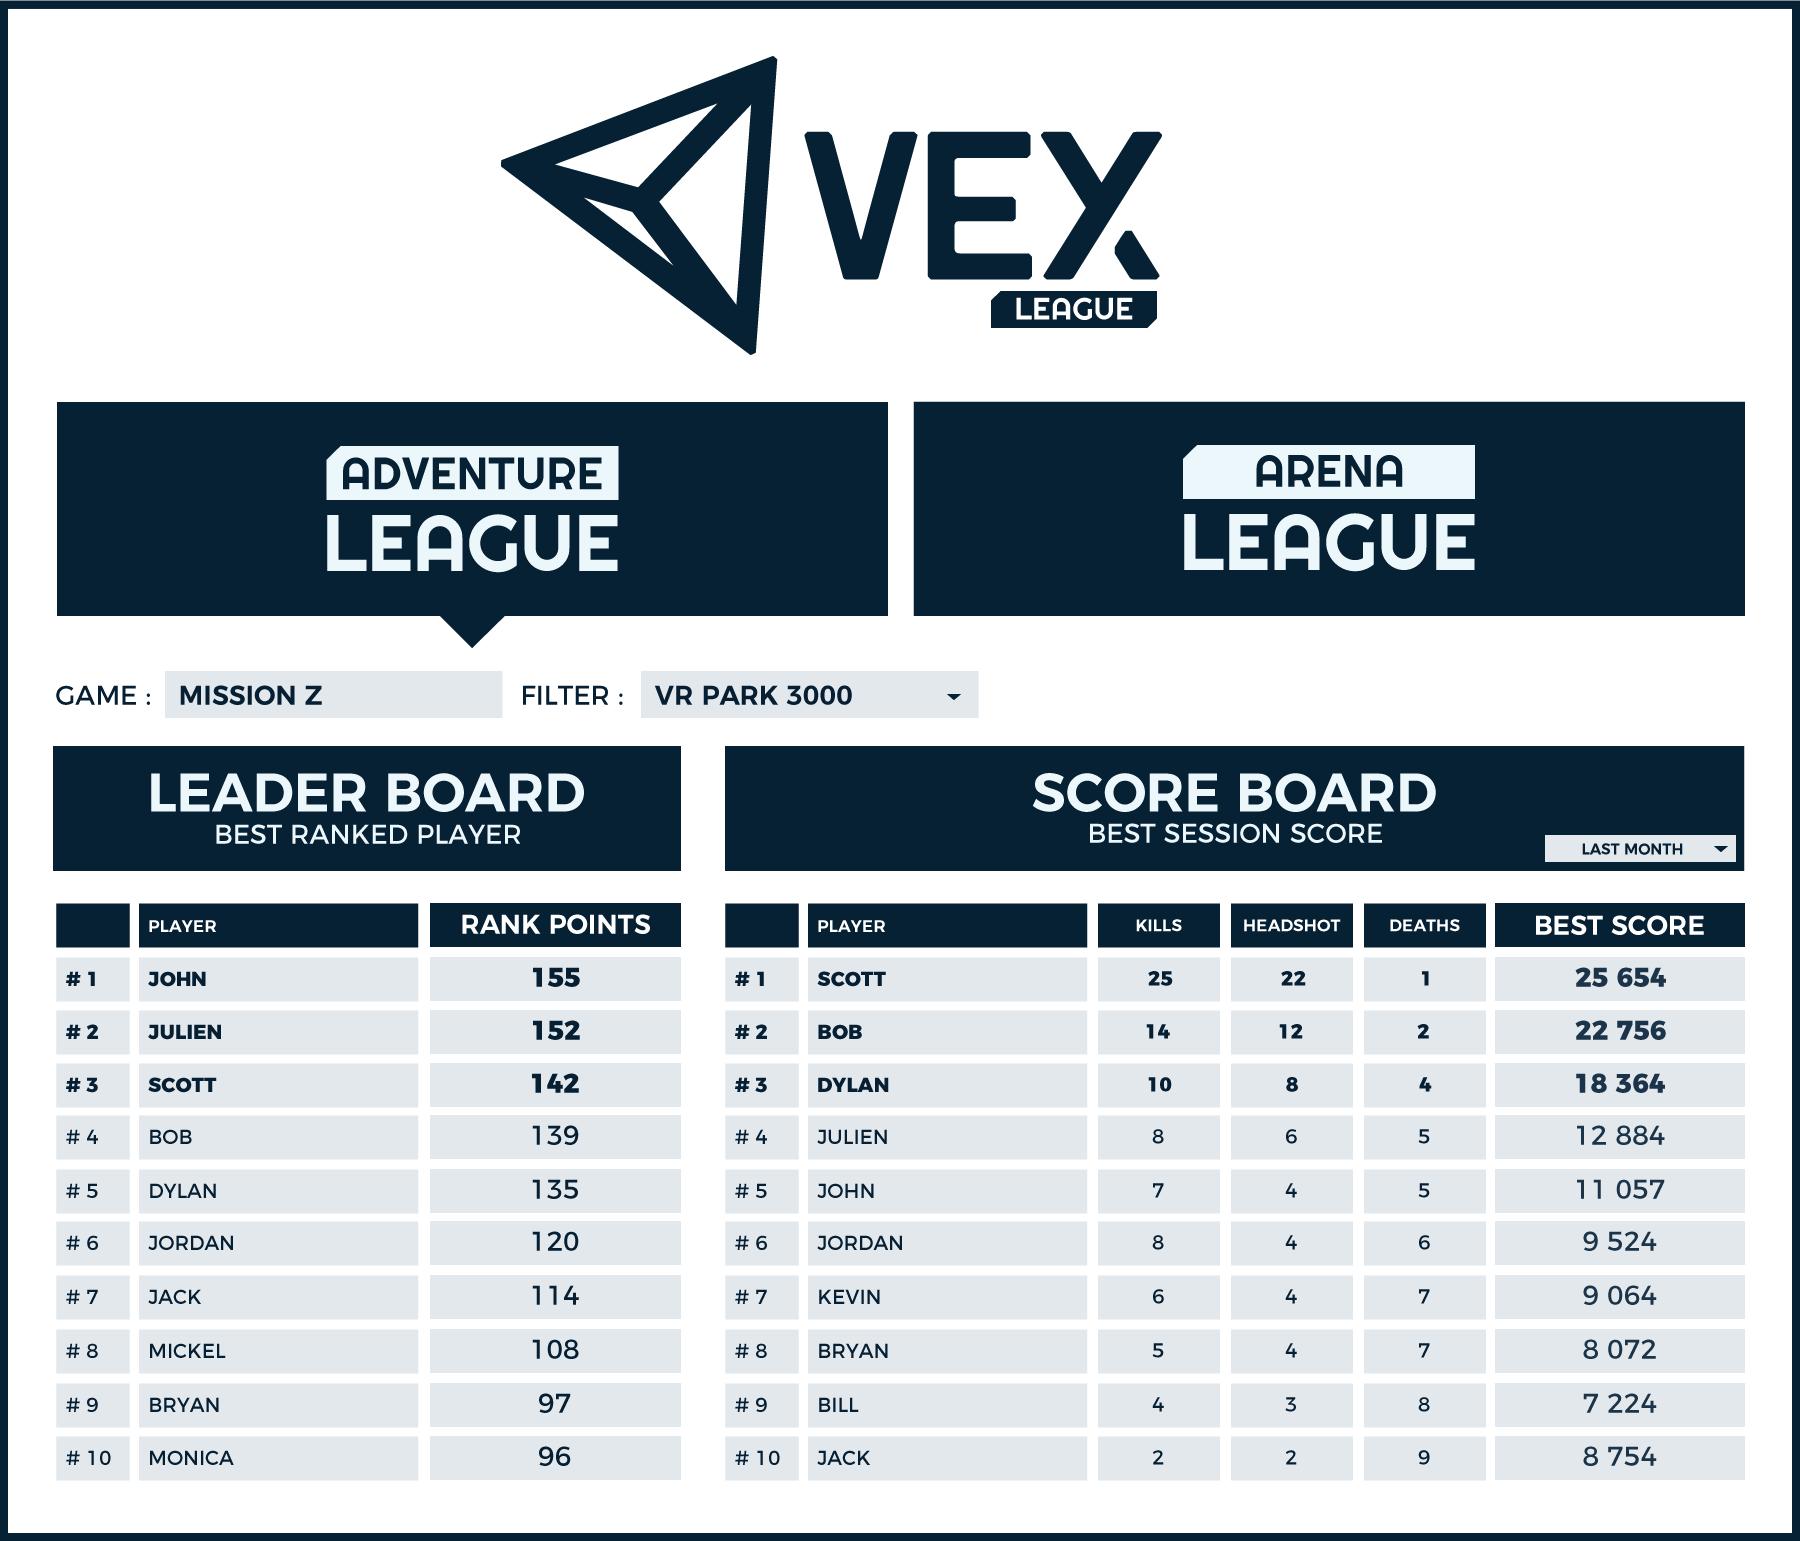 VEX Arena leaderboard